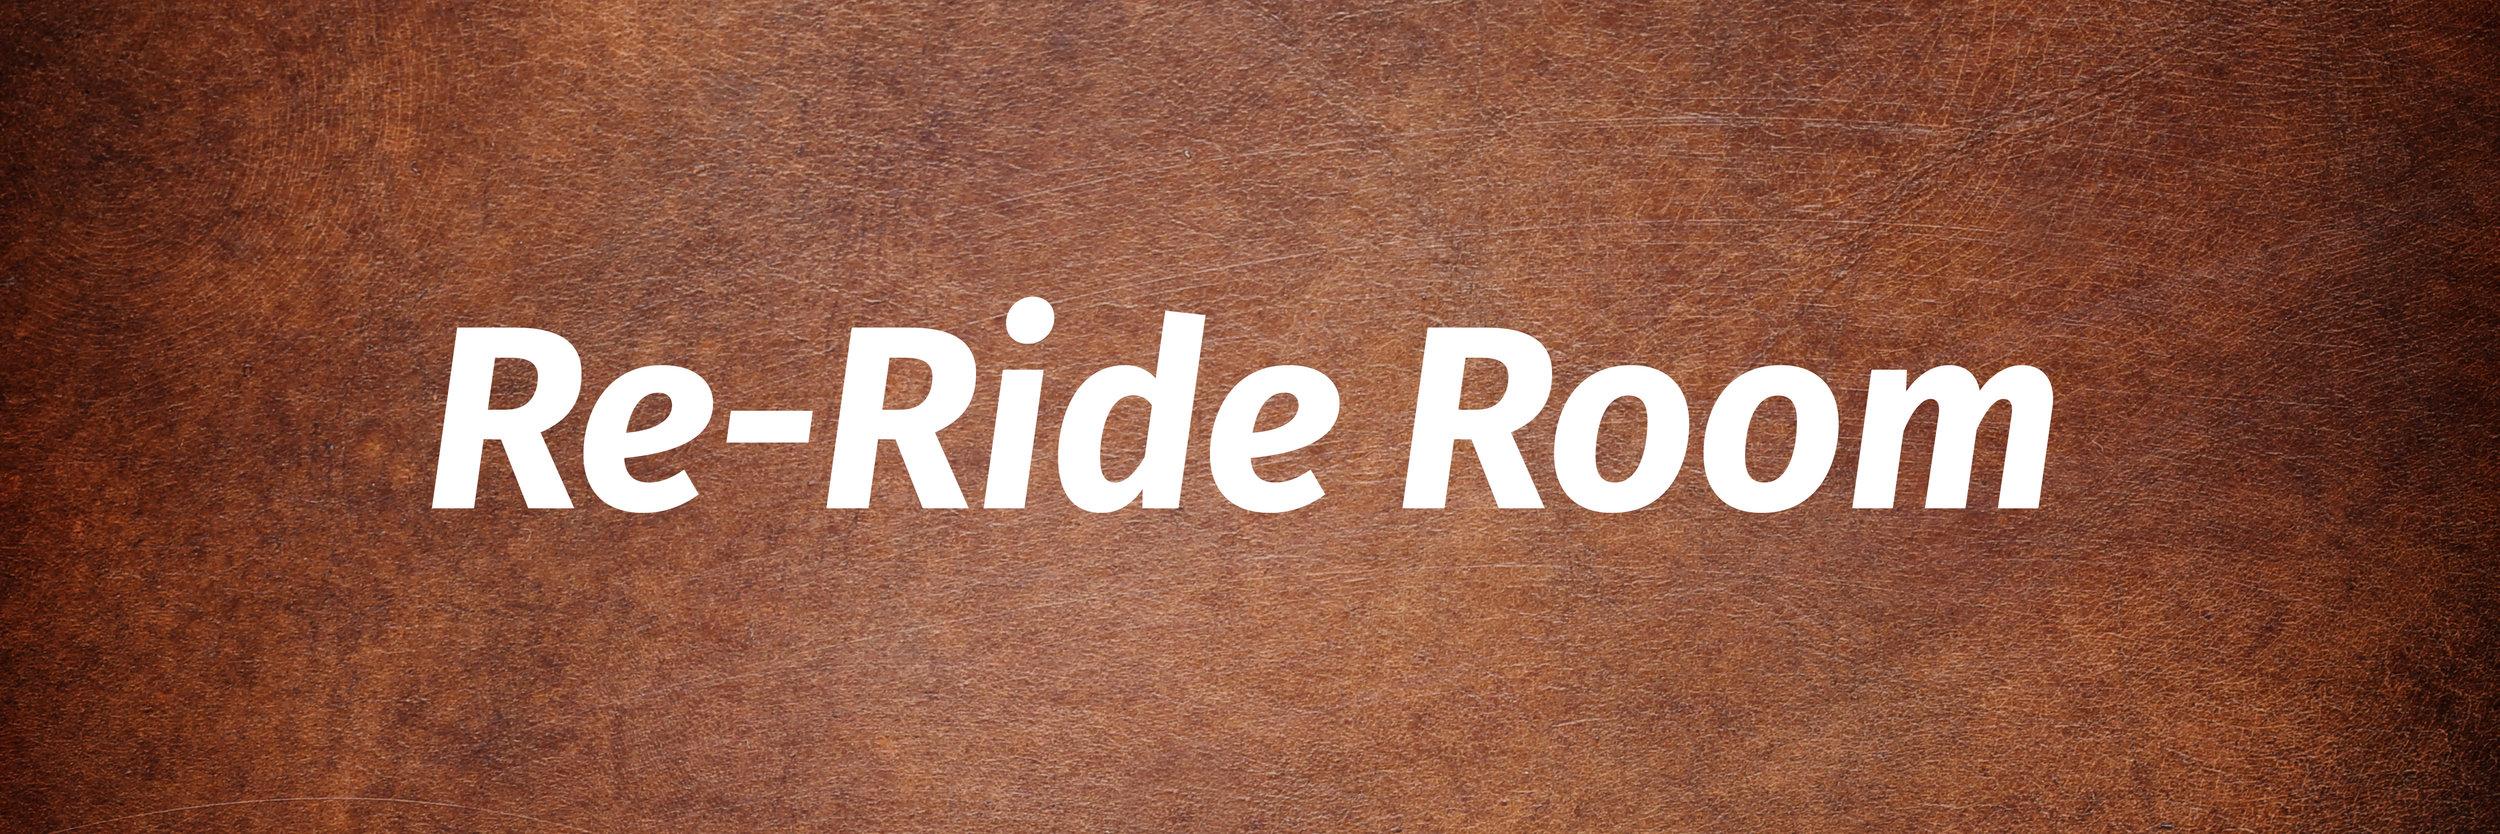 re-ride Banner.jpg